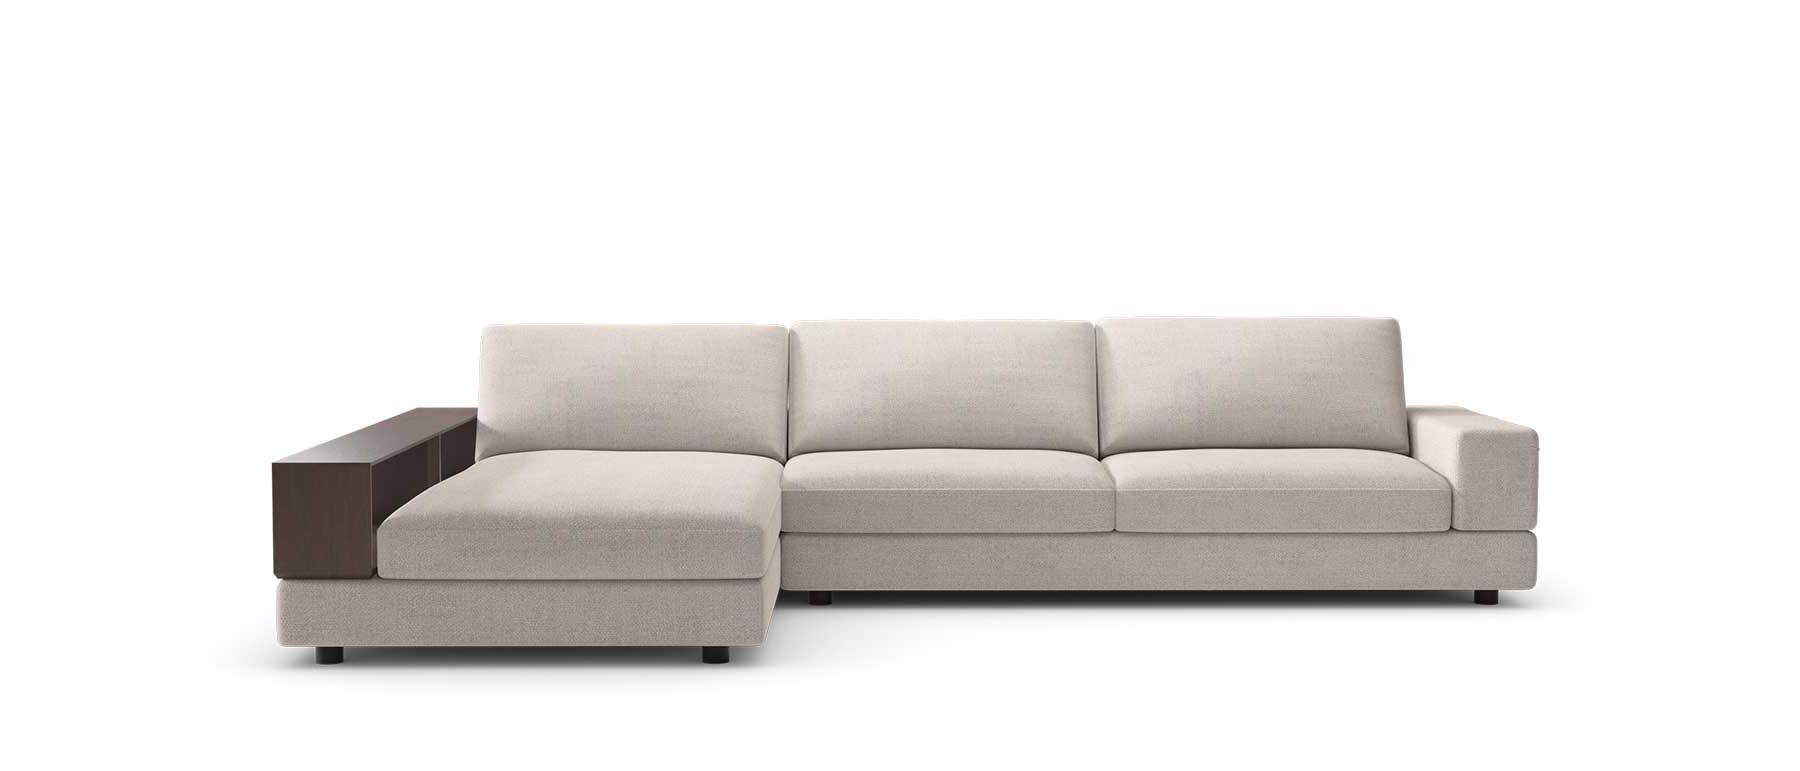 Lounge In Sierra Foam Ii Oversized Sofa Chairs (Gallery 12 of 20)